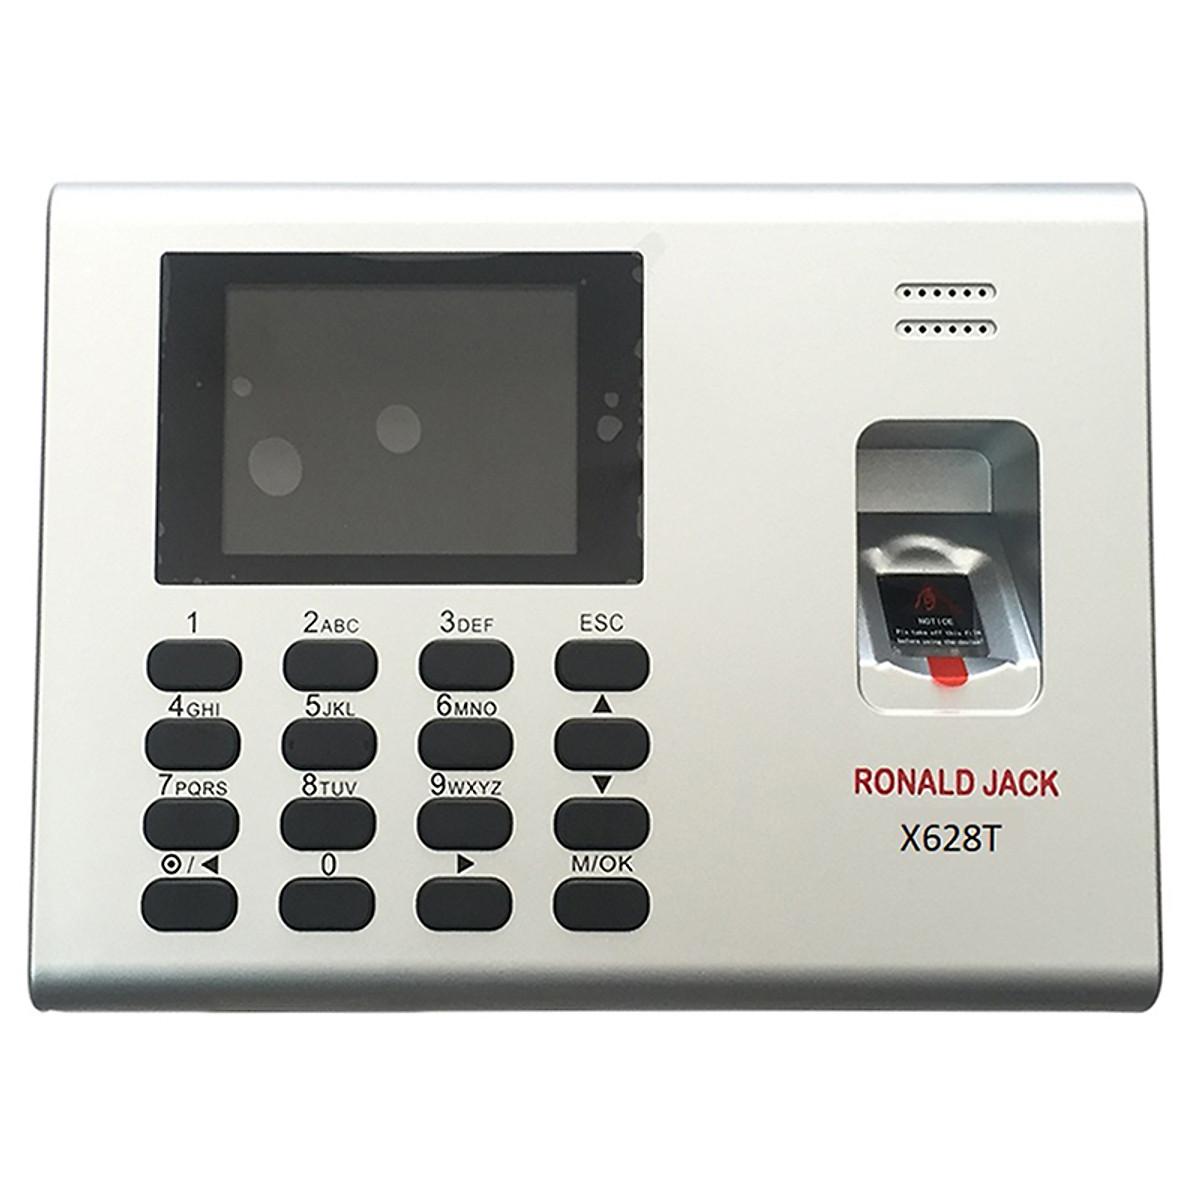 Máy Chấm Công Ronald Jack X628T – Hàng Nhập Khẩu